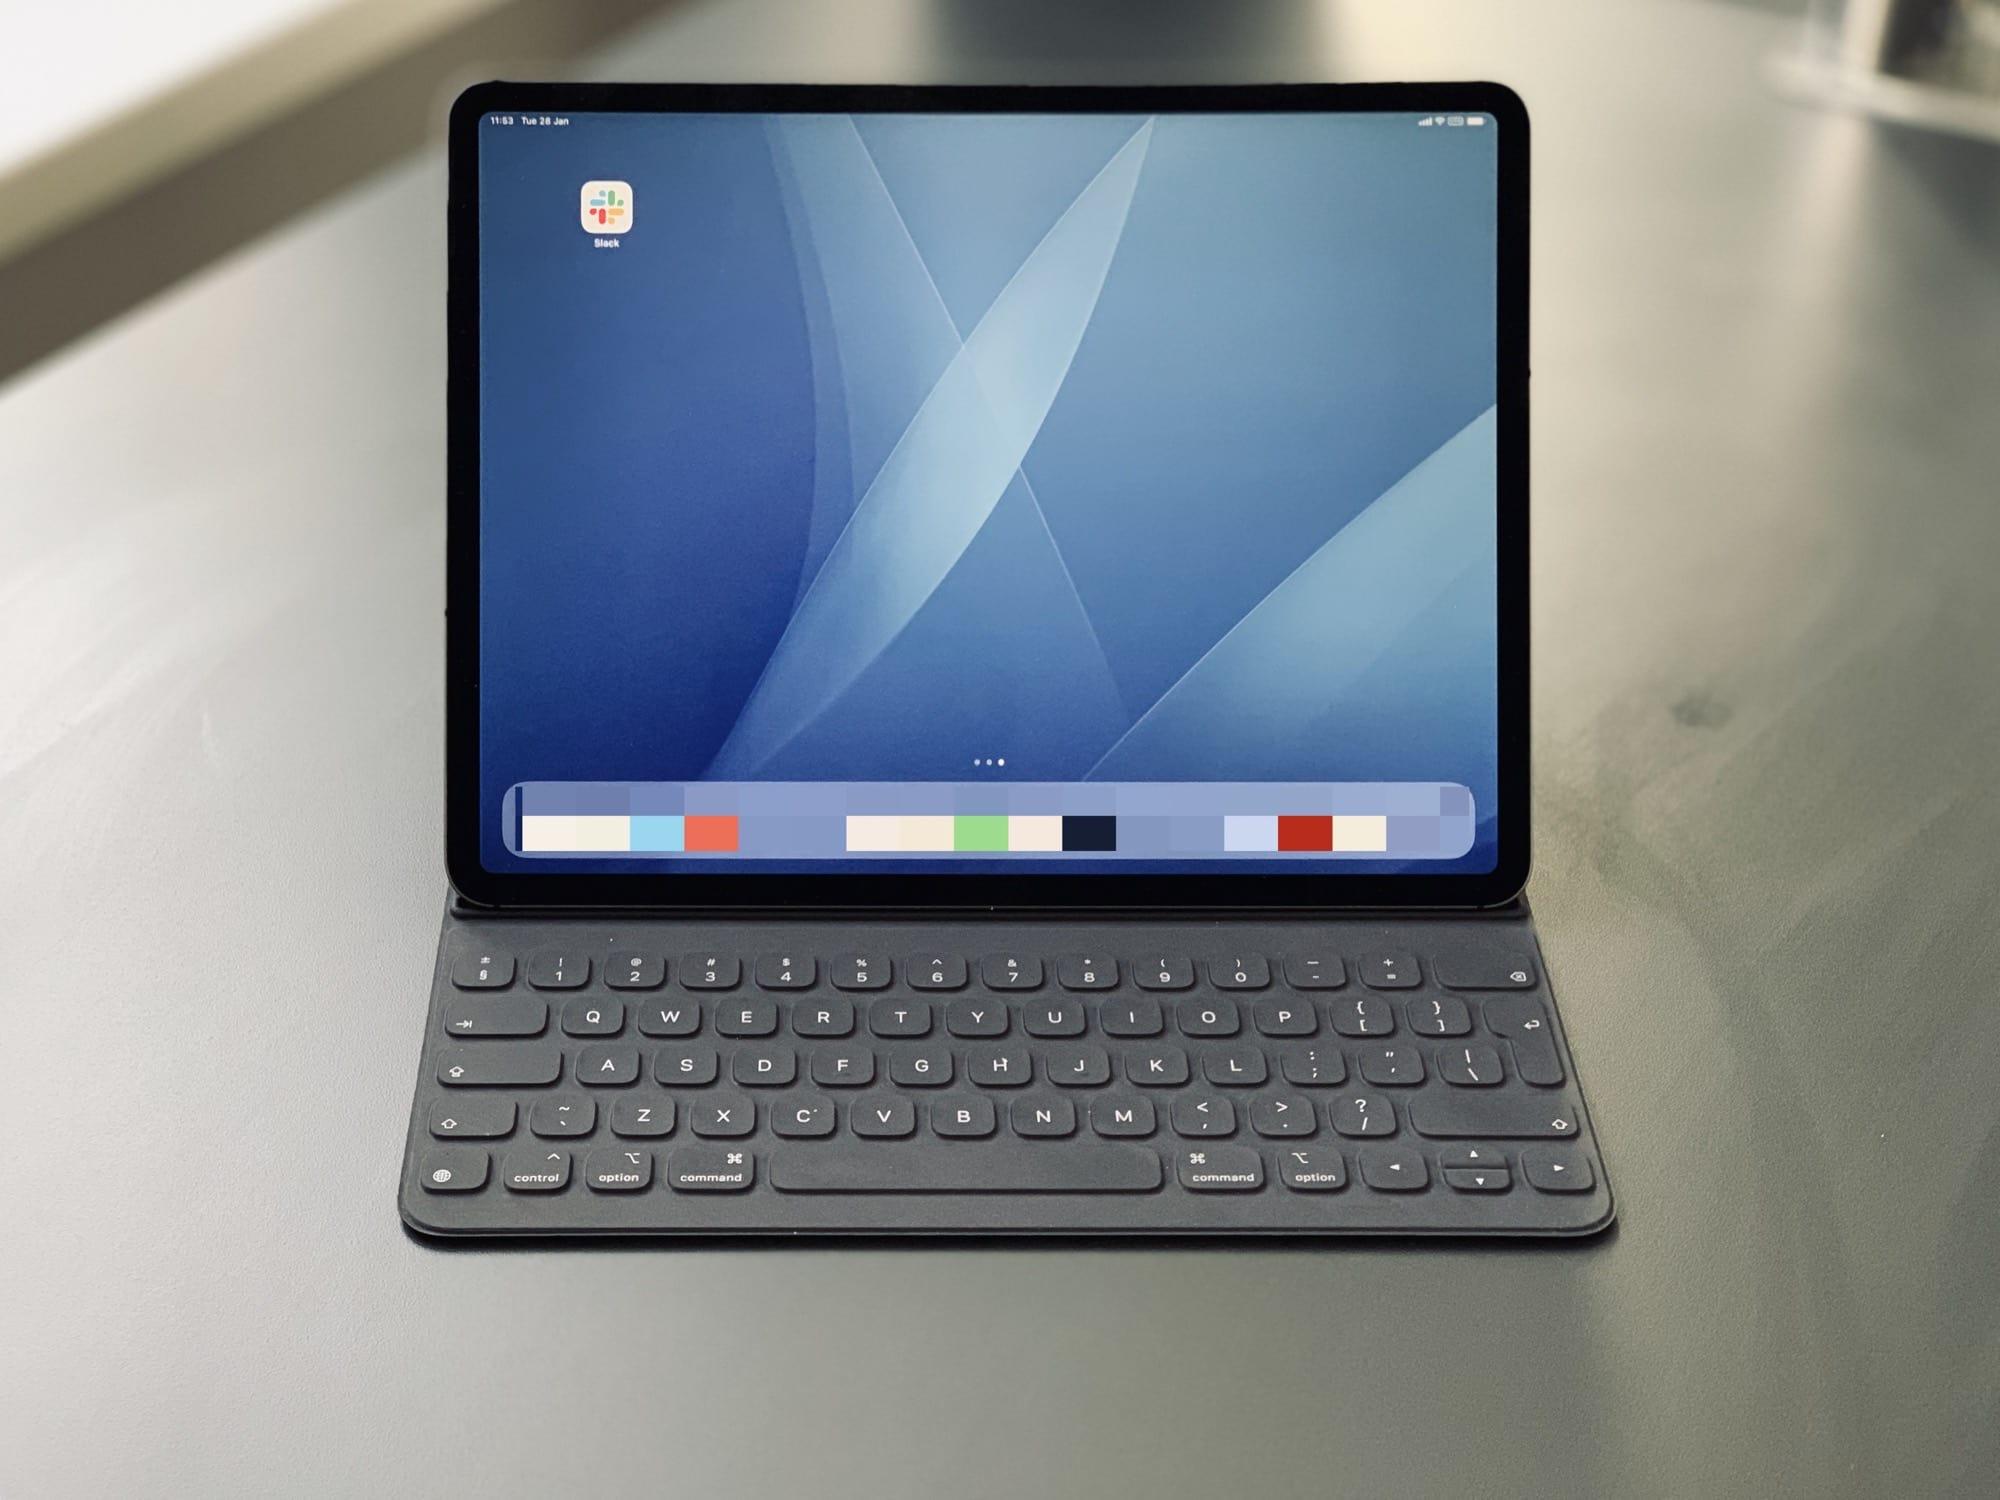 Mac wallpaper on iPad